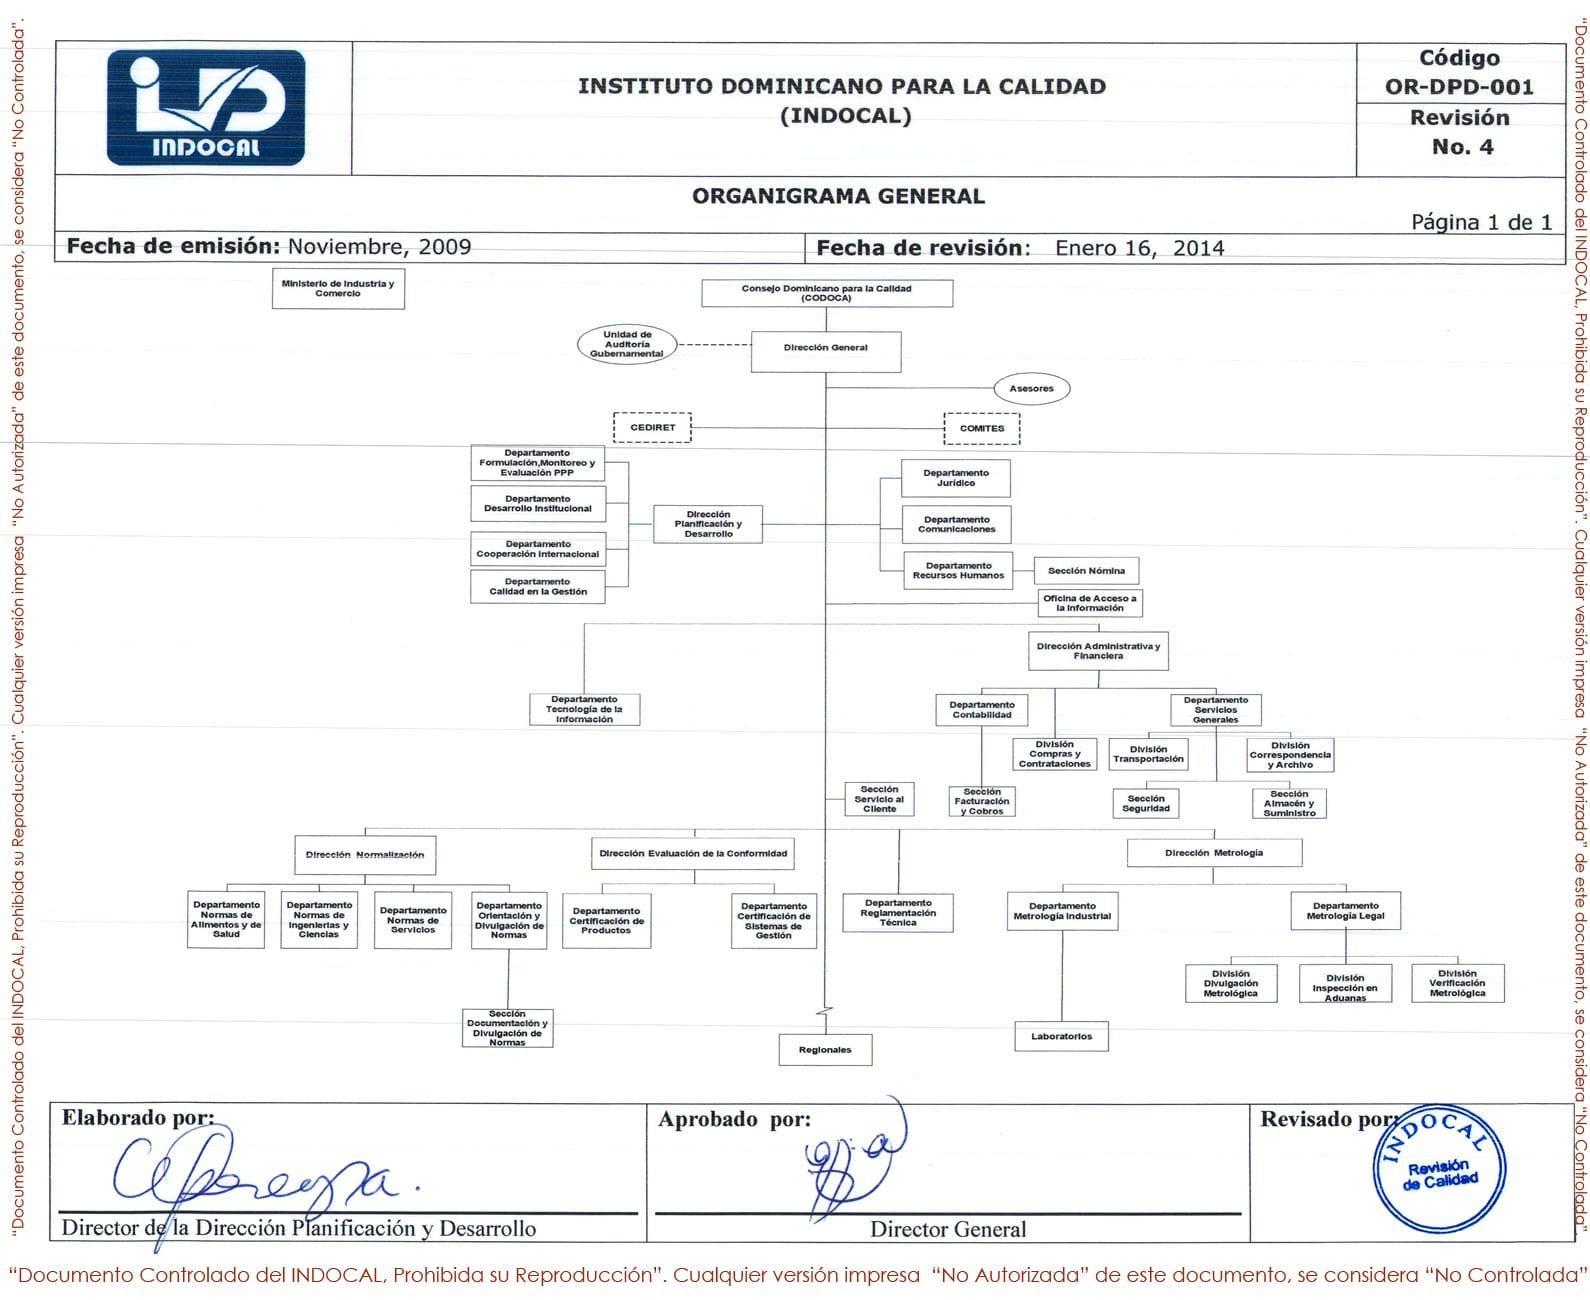 Organigrama Indocal